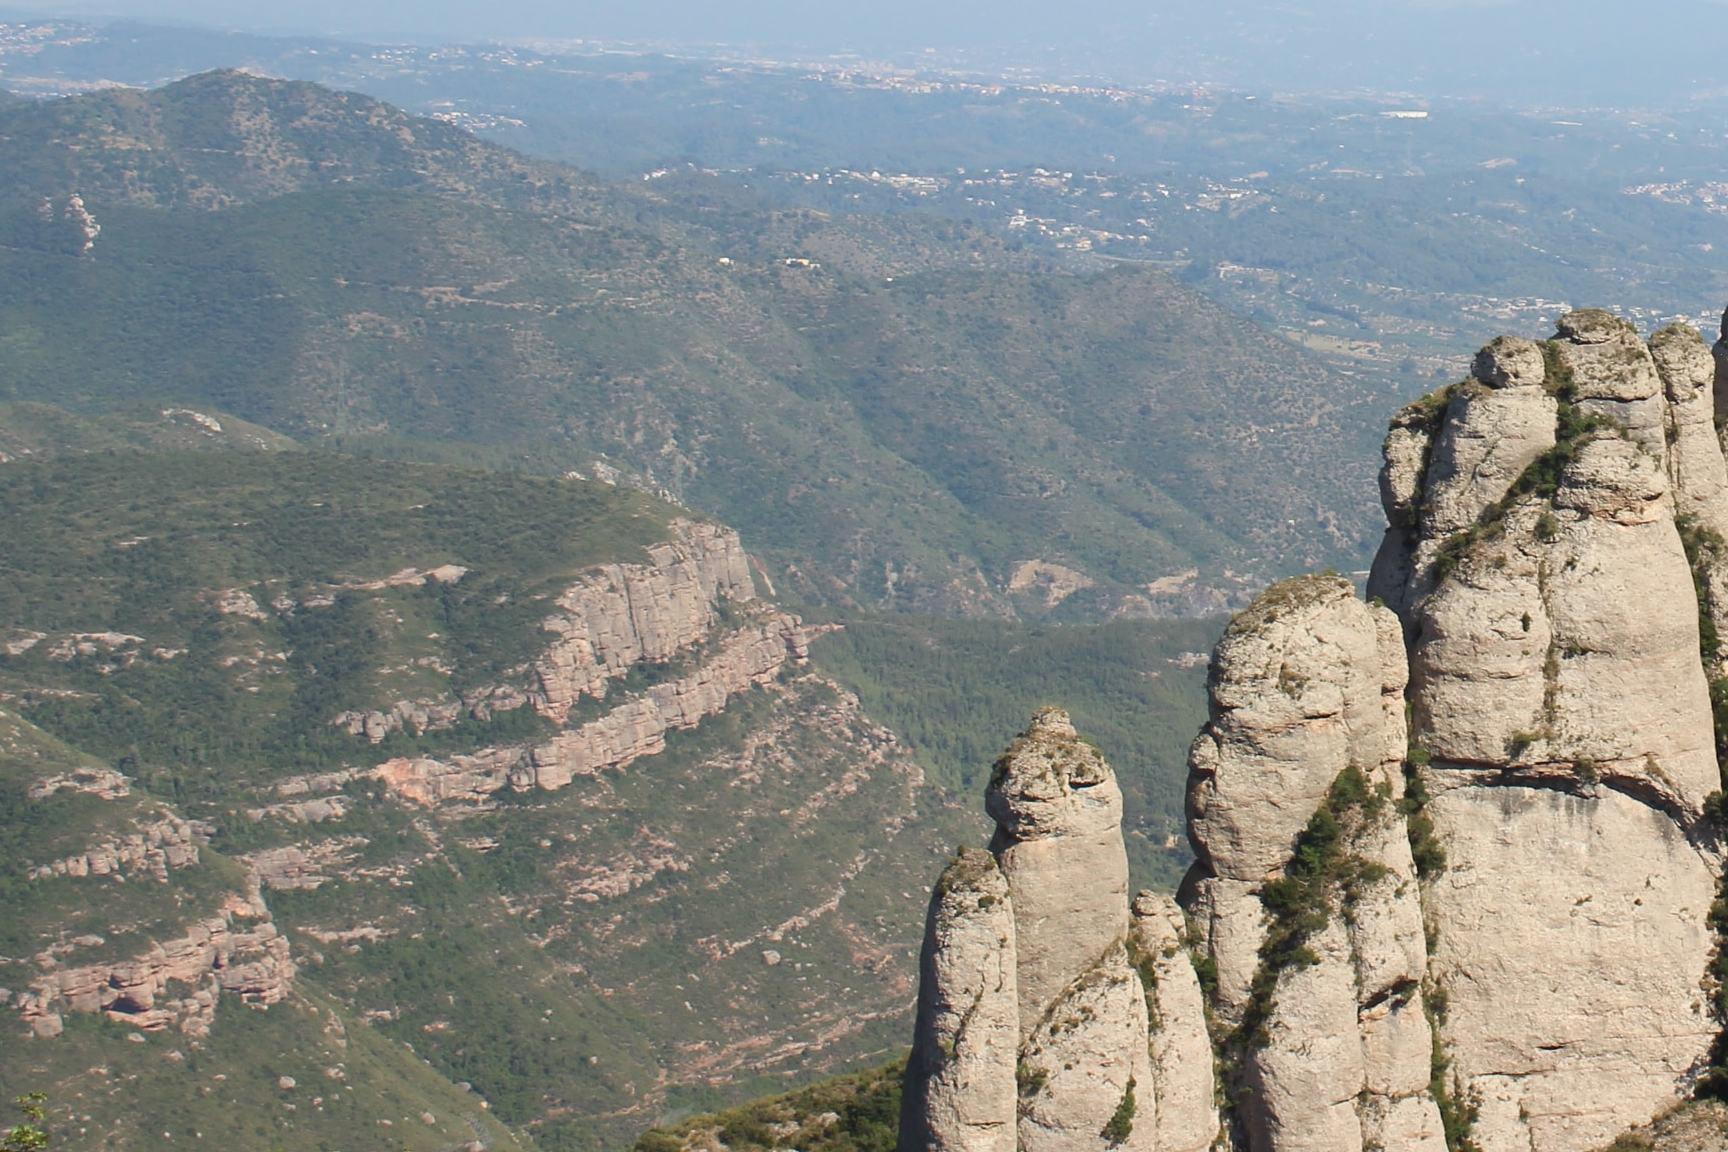 Гора Монсеррат, Черная Мадонна, бенедиктинский монастырь и оливковая ферма. ФотоэкскурсияОтправимся насевер отБарселоны вкрасивейший горный массив, уподножия которого расположился Monasterio deMontserrat— главная святыня Каталонии основанная 1025 году. Прикоснемся кчудотворной статуе Черной Мадонны, творению рук святого Луки. Местная «Матронушка»— статуя Богоматери смладенцем наколенях. Встреча с«Черной Мадонной» приносит счастье игармонию всемью, дарует благословение идетишек. ВСЕ Каталонцы чтят эту традицию ирегулярно приезжают сюда.По свидетельствам уже прикоснувшихся к святыне, Мадонна исполняет искренние и благие желания (не верите — спросите!). А лучше приезжайте и ощутите все на себе!49 евро с группы за 1 час